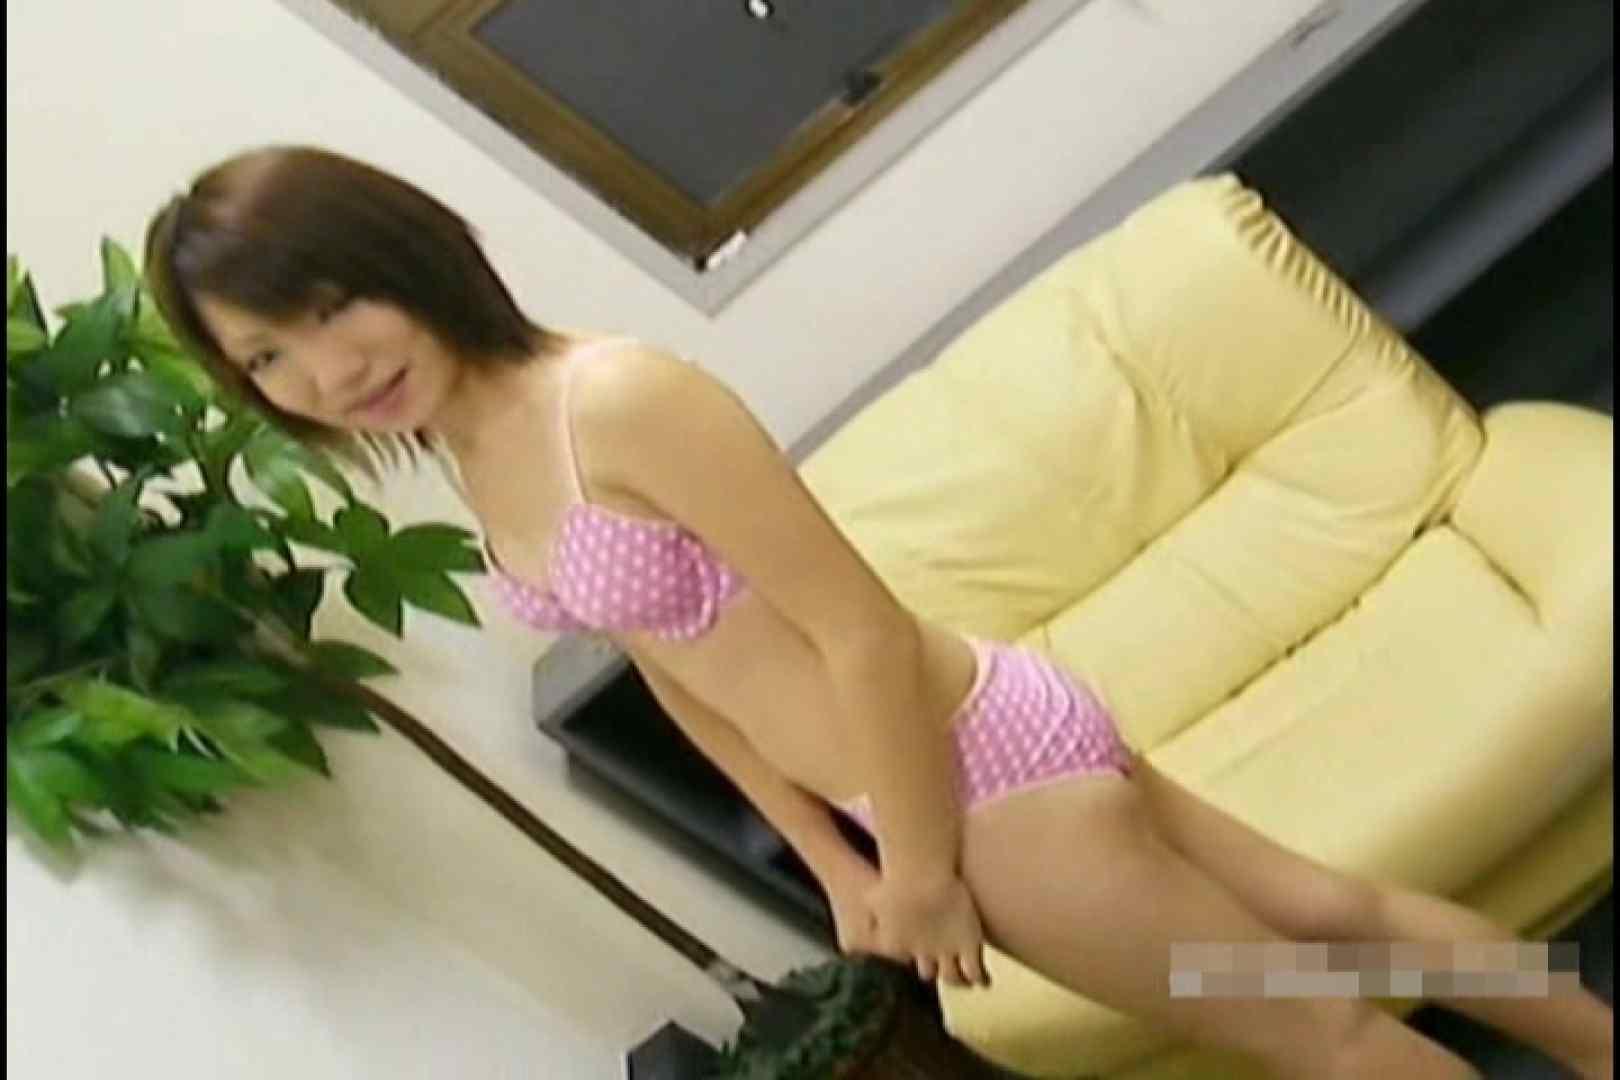 素人撮影 下着だけの撮影のはずが・・・れみ18歳 ロリ おめこ無修正画像 60PIX 54